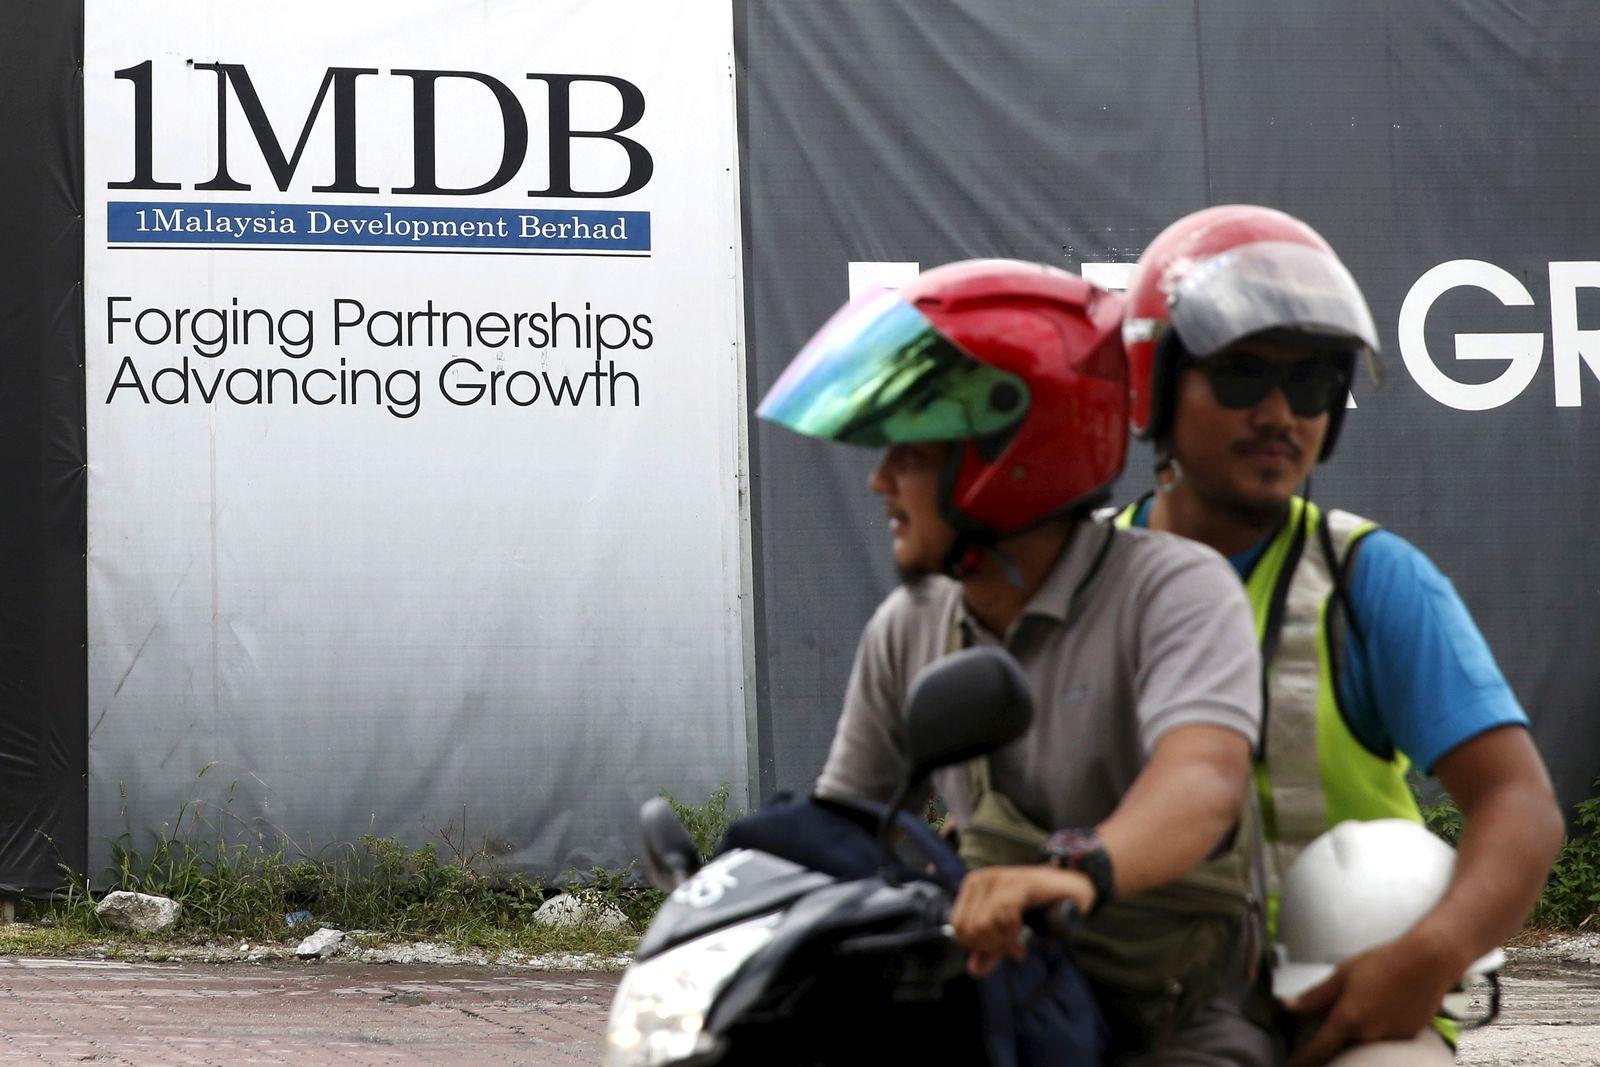 Goldman Sachs/ 1MDB/ Malaysia